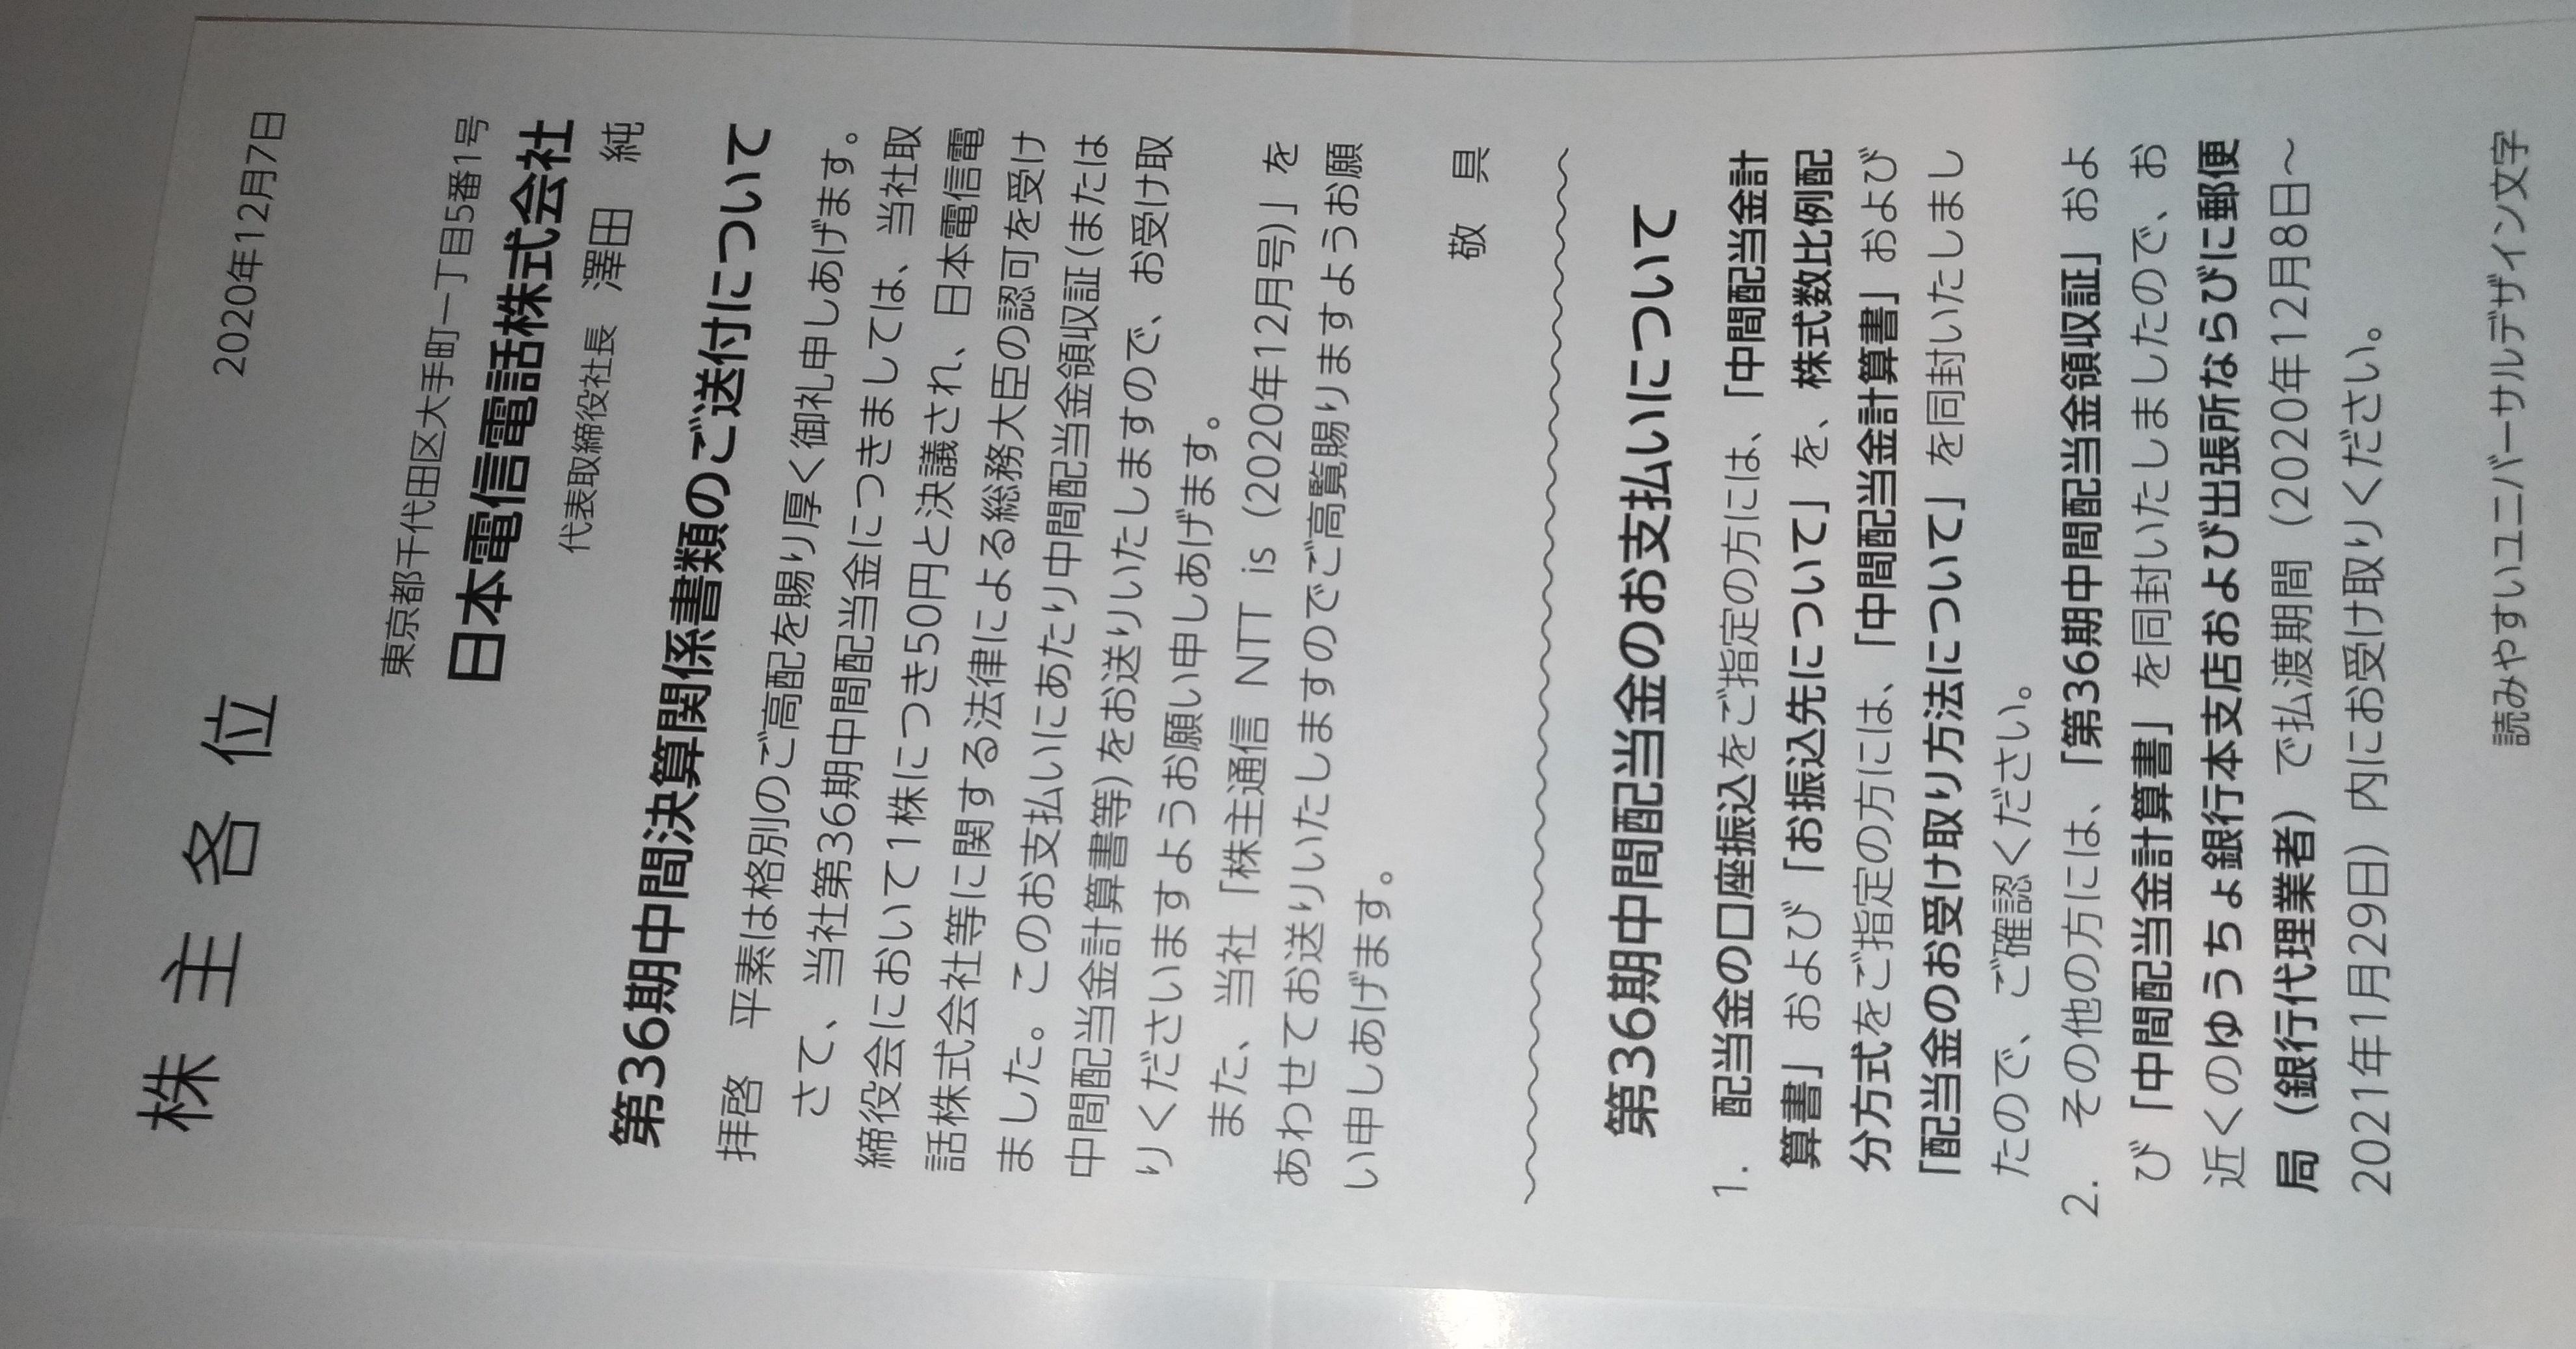 ntt_haito_2020_12_8_1.jpg